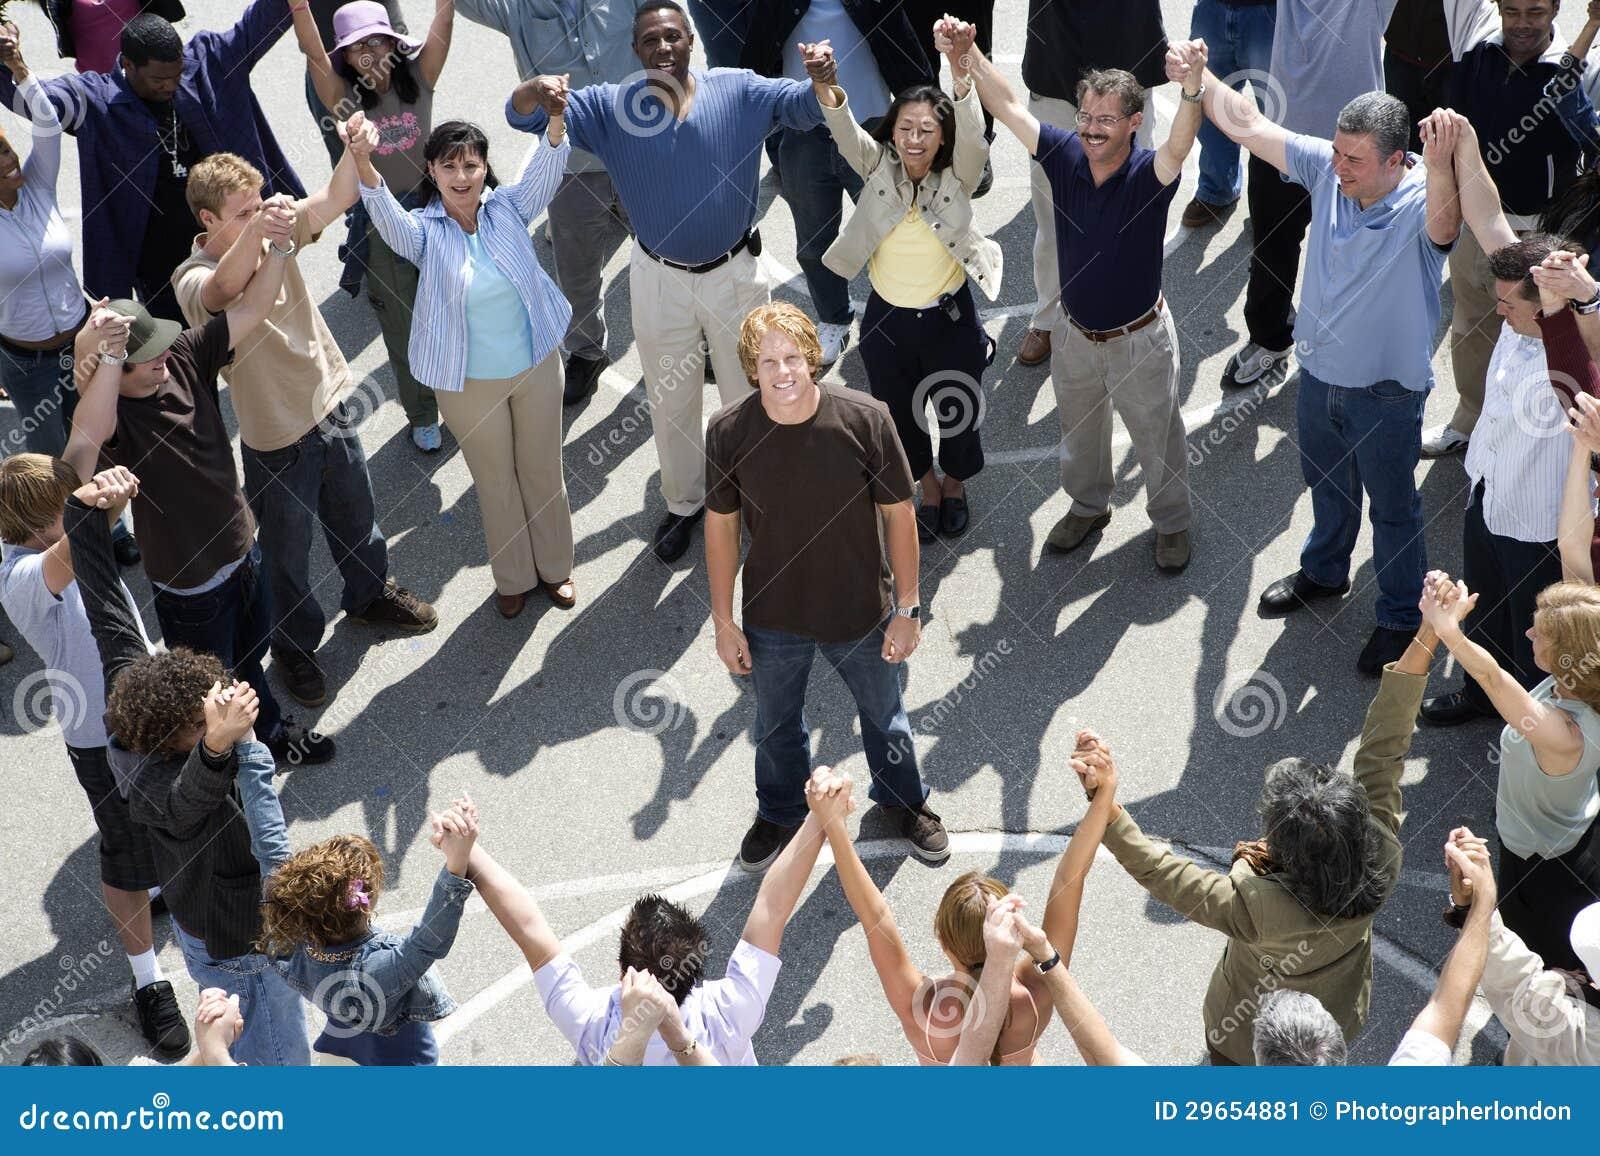 организовала встречу откормили толпой фото чем войти нее